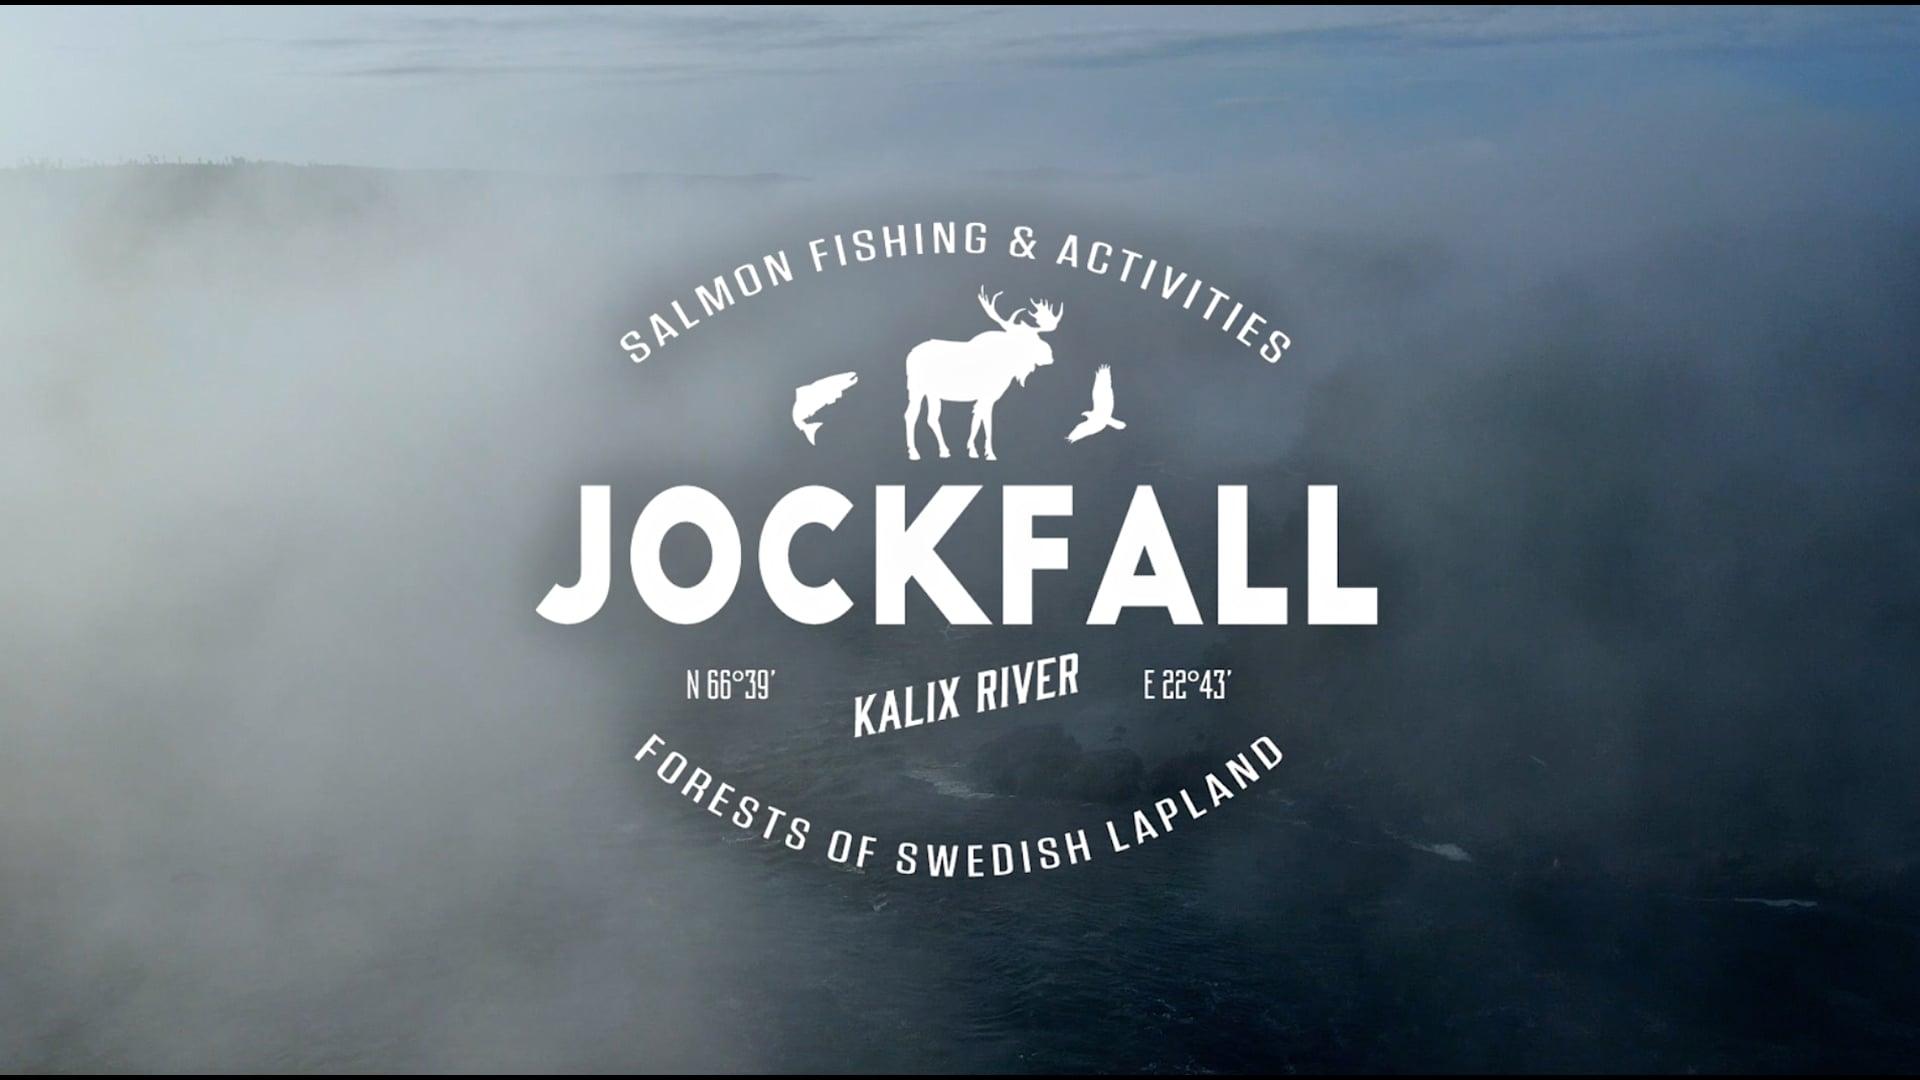 Swedish-Lapland-_-Jockfall-Salmon-Fishing